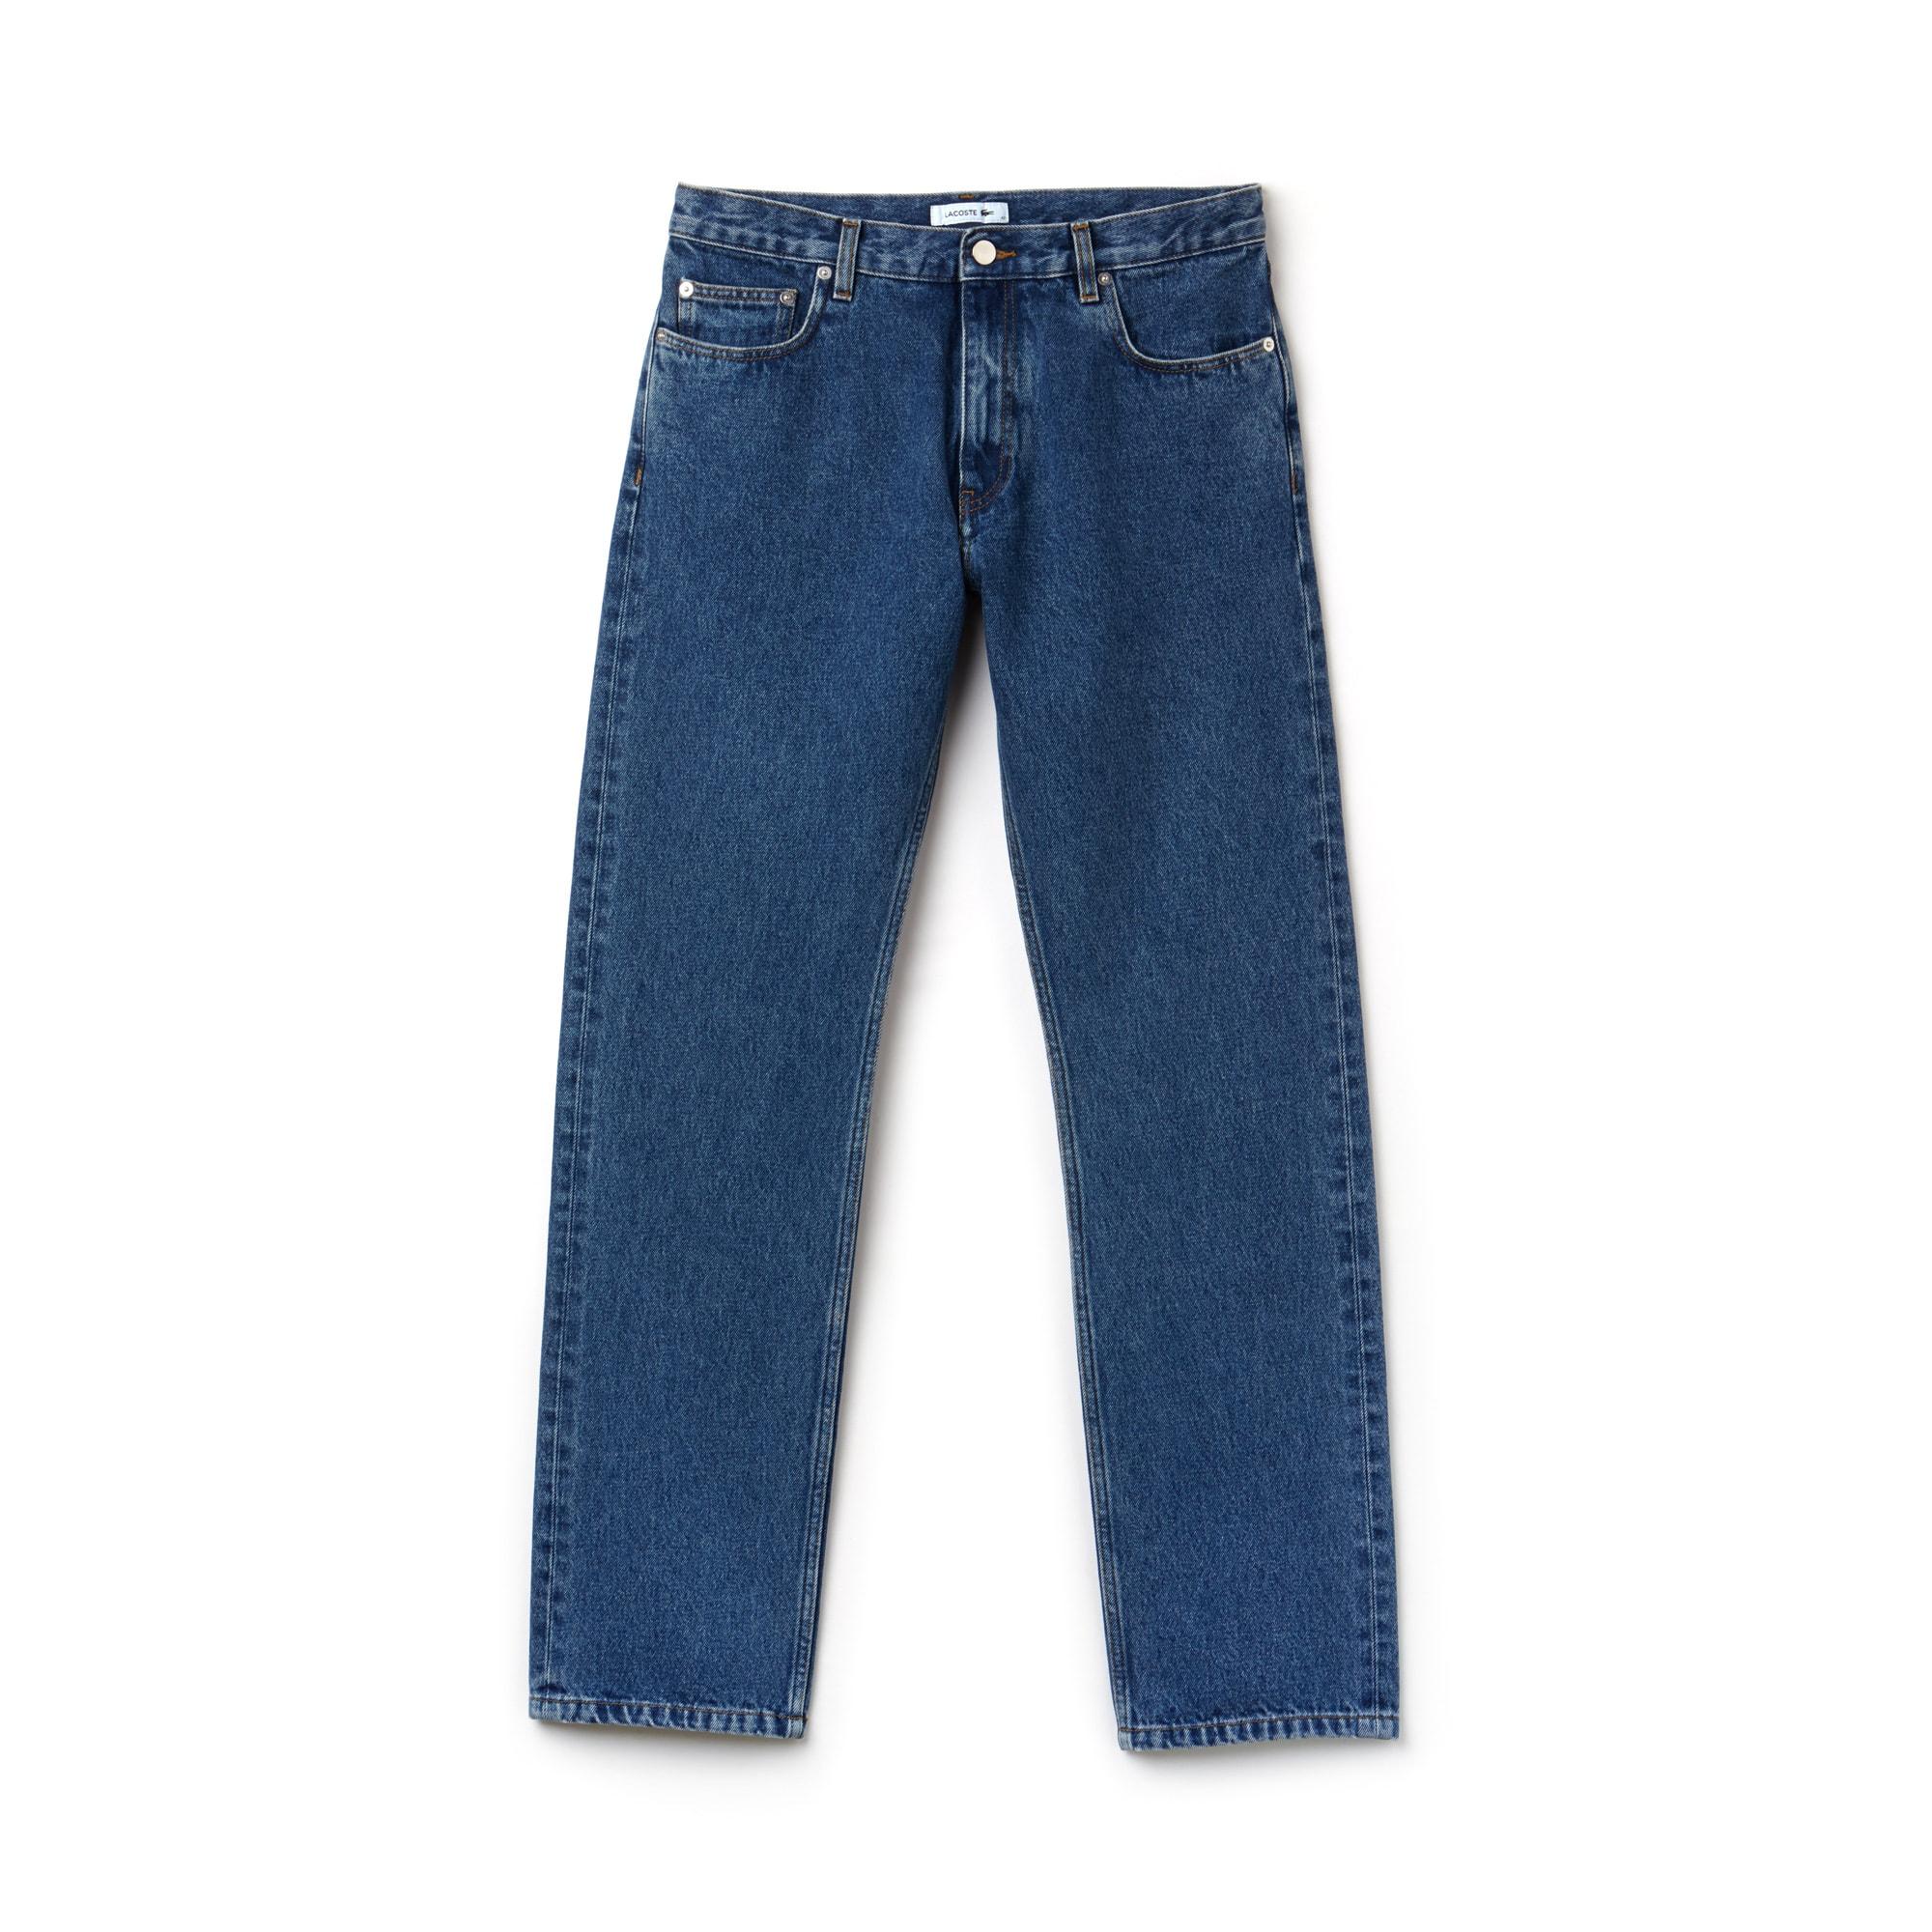 Herren 5-Pocket Jeans aus der Fashion Show Kollektion